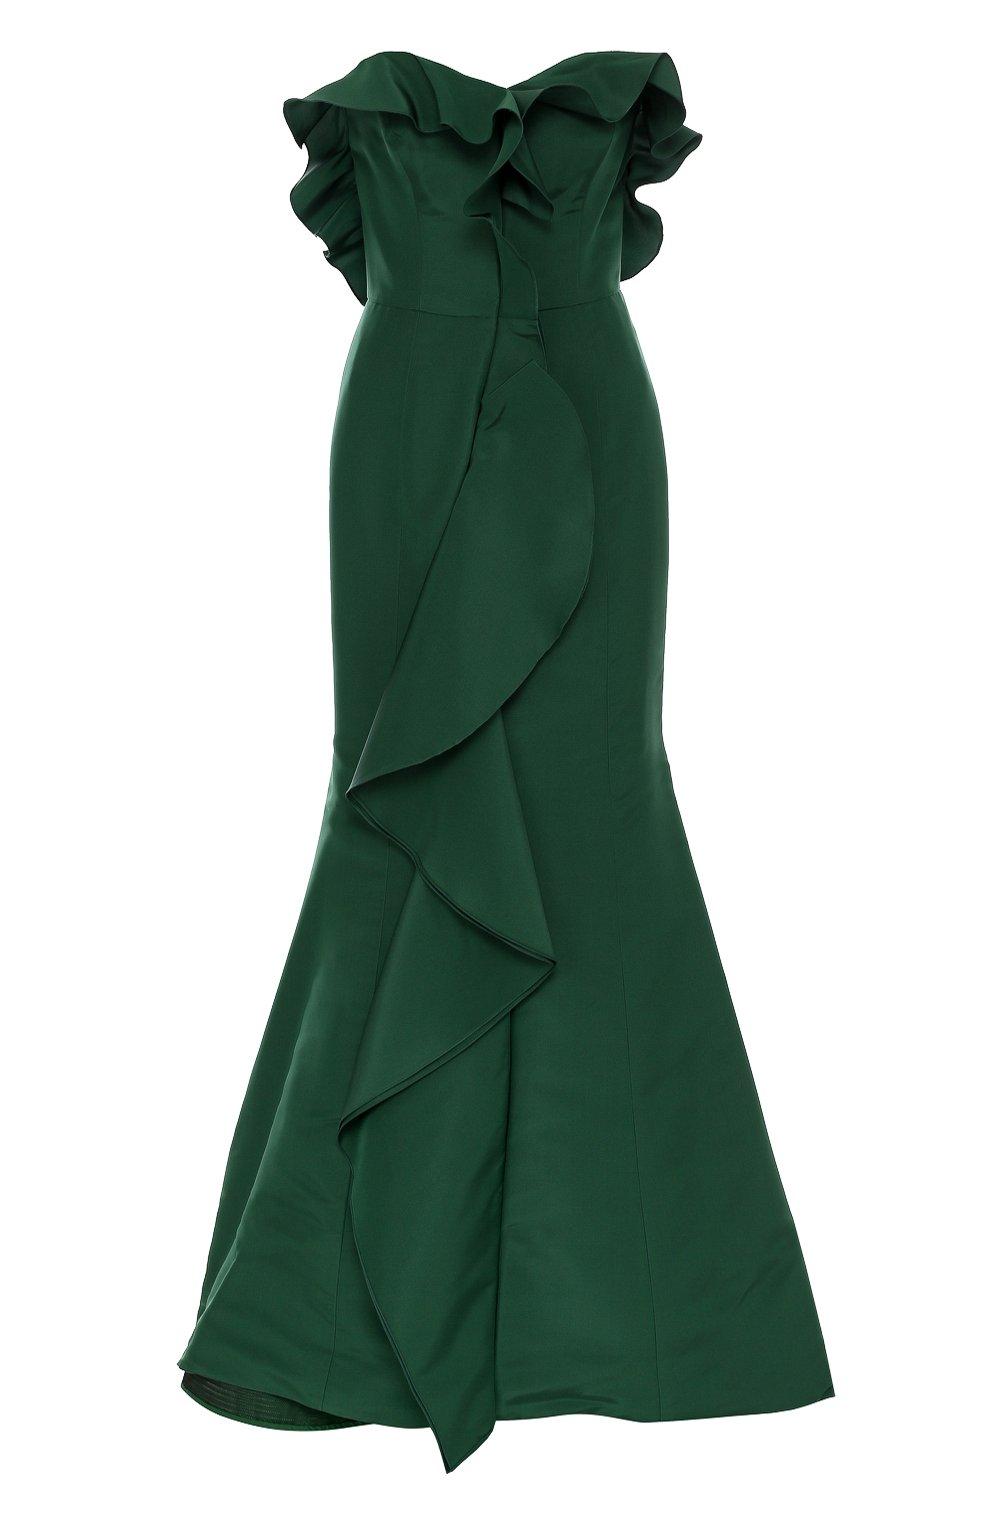 54b8dfd0c742 Женское зеленое шелковое платье-бюстье с подолом и оборками OSCAR DE ...